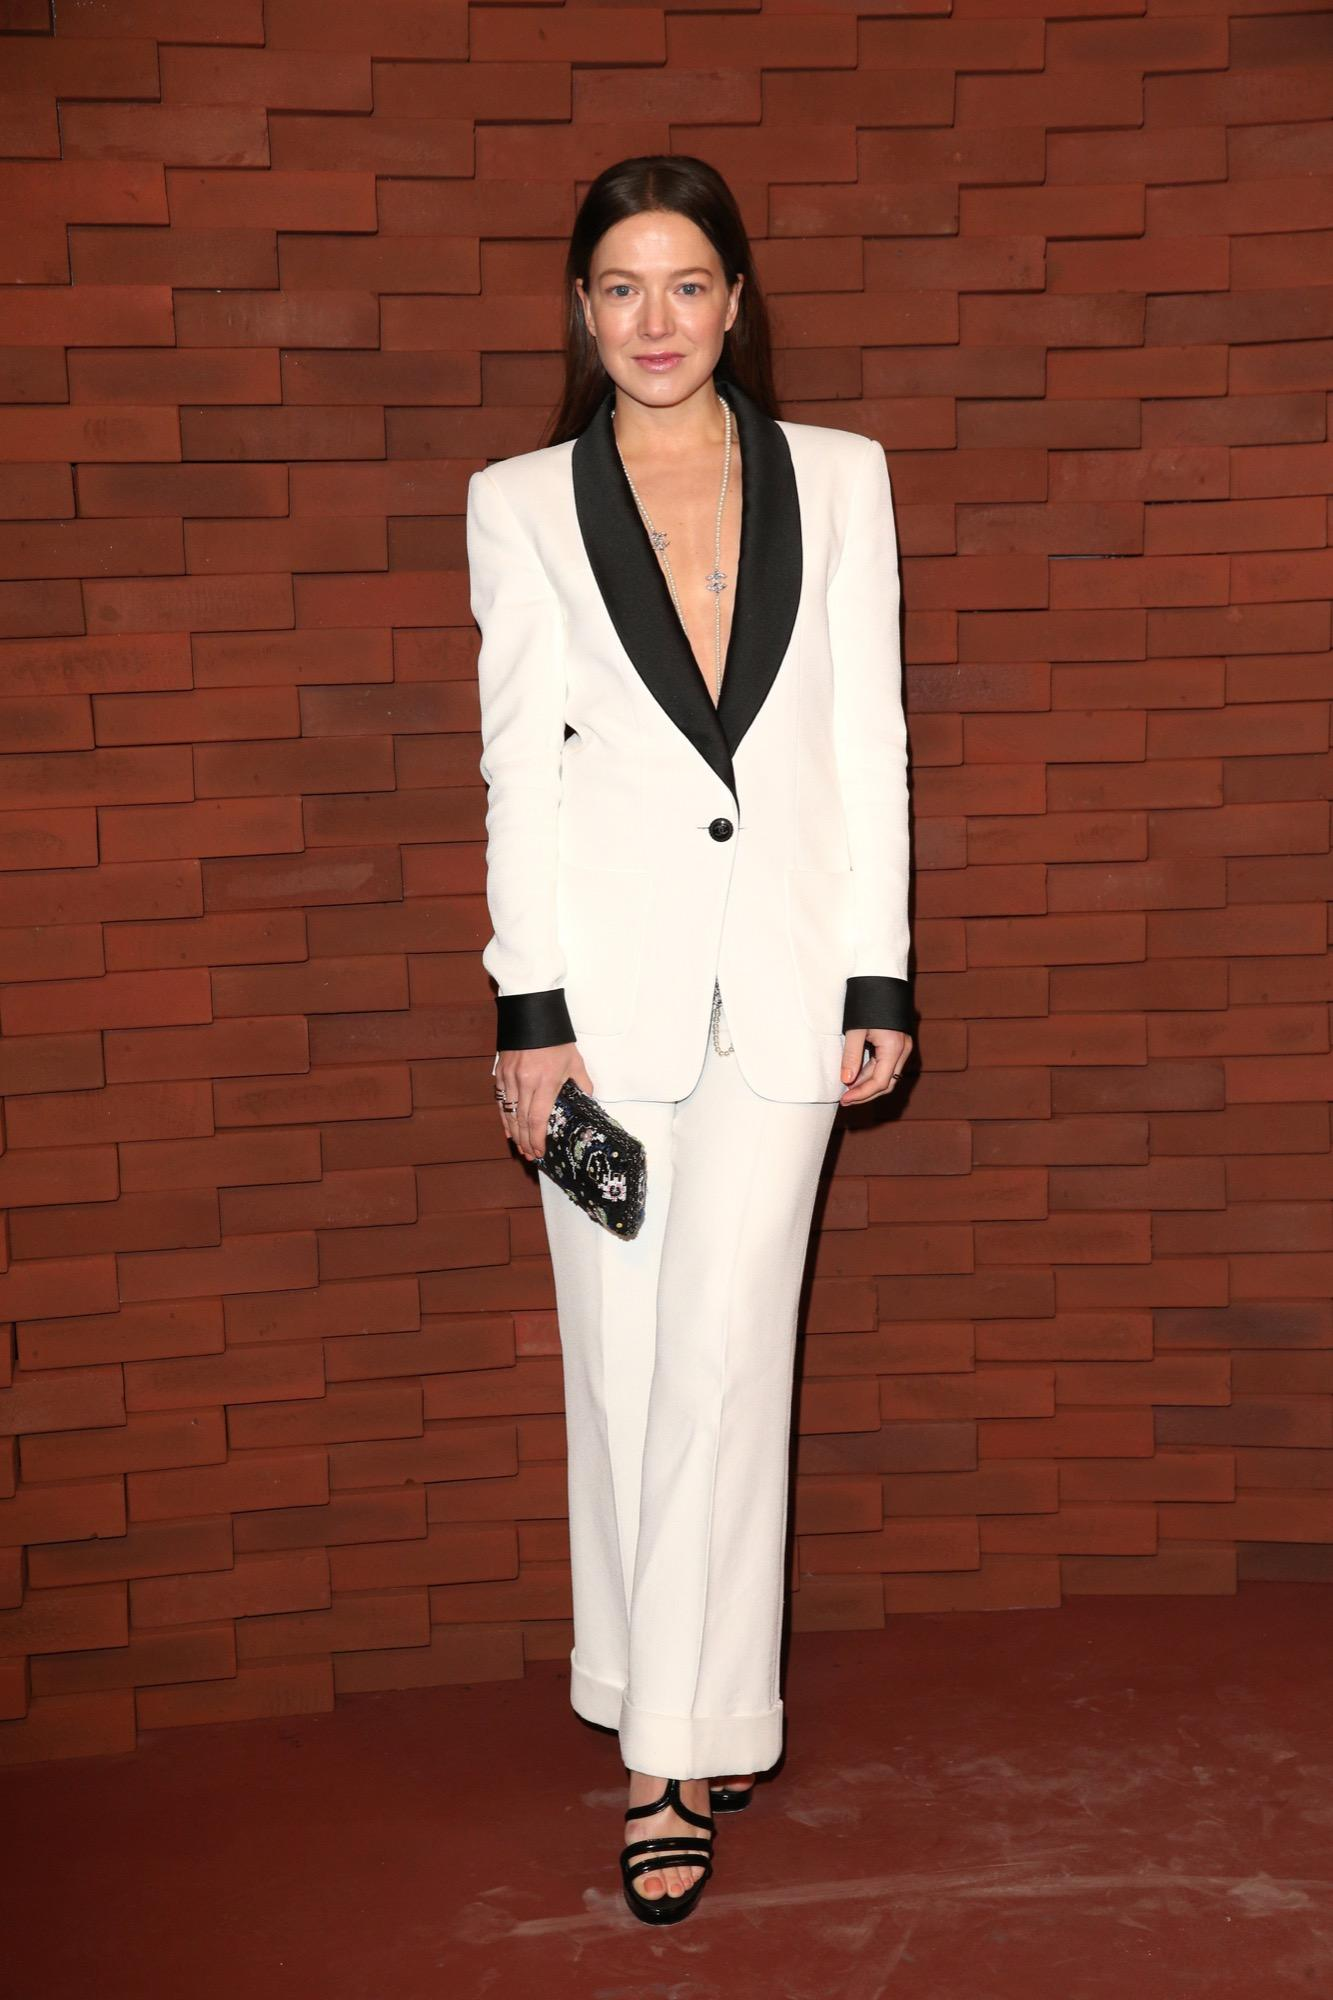 Die deutsche Schauspielerin Hannah Herzsprung in einem Zweiteiler von Chanel